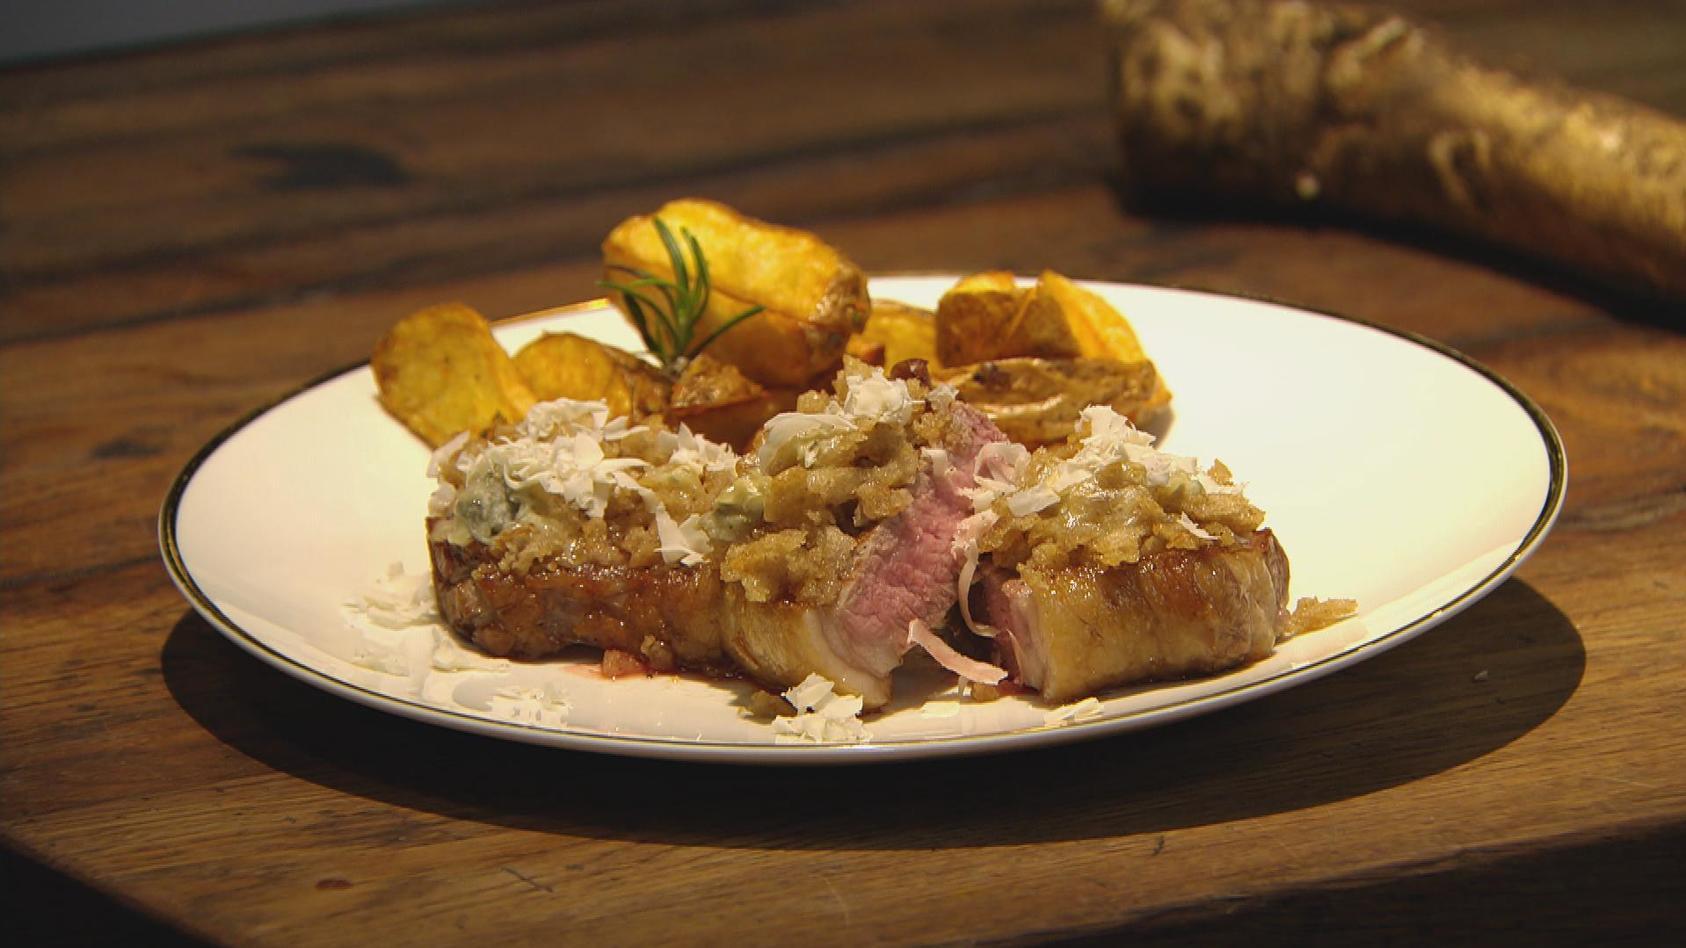 Schneeweißchen & Rosenrot – Märchenhaft lecker!: Rumpsteak mit Haube und Kartoffelecken